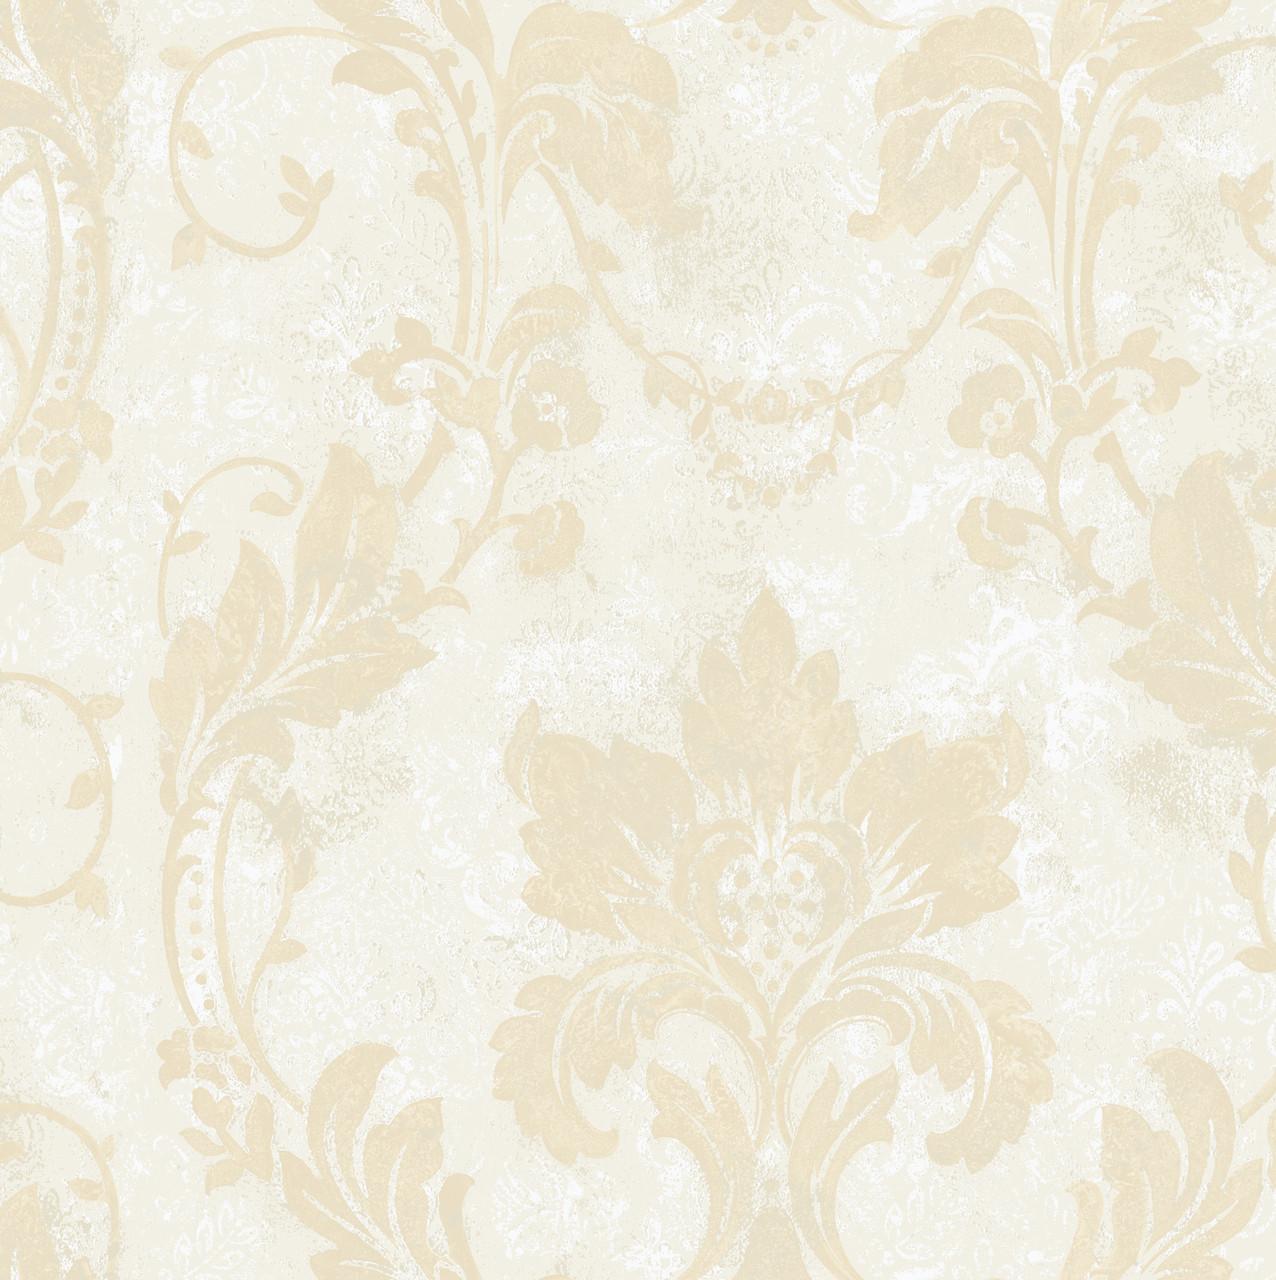 Irena Delicate Damask Latte Wallpaper Al13771 Indoorwallpaper Com